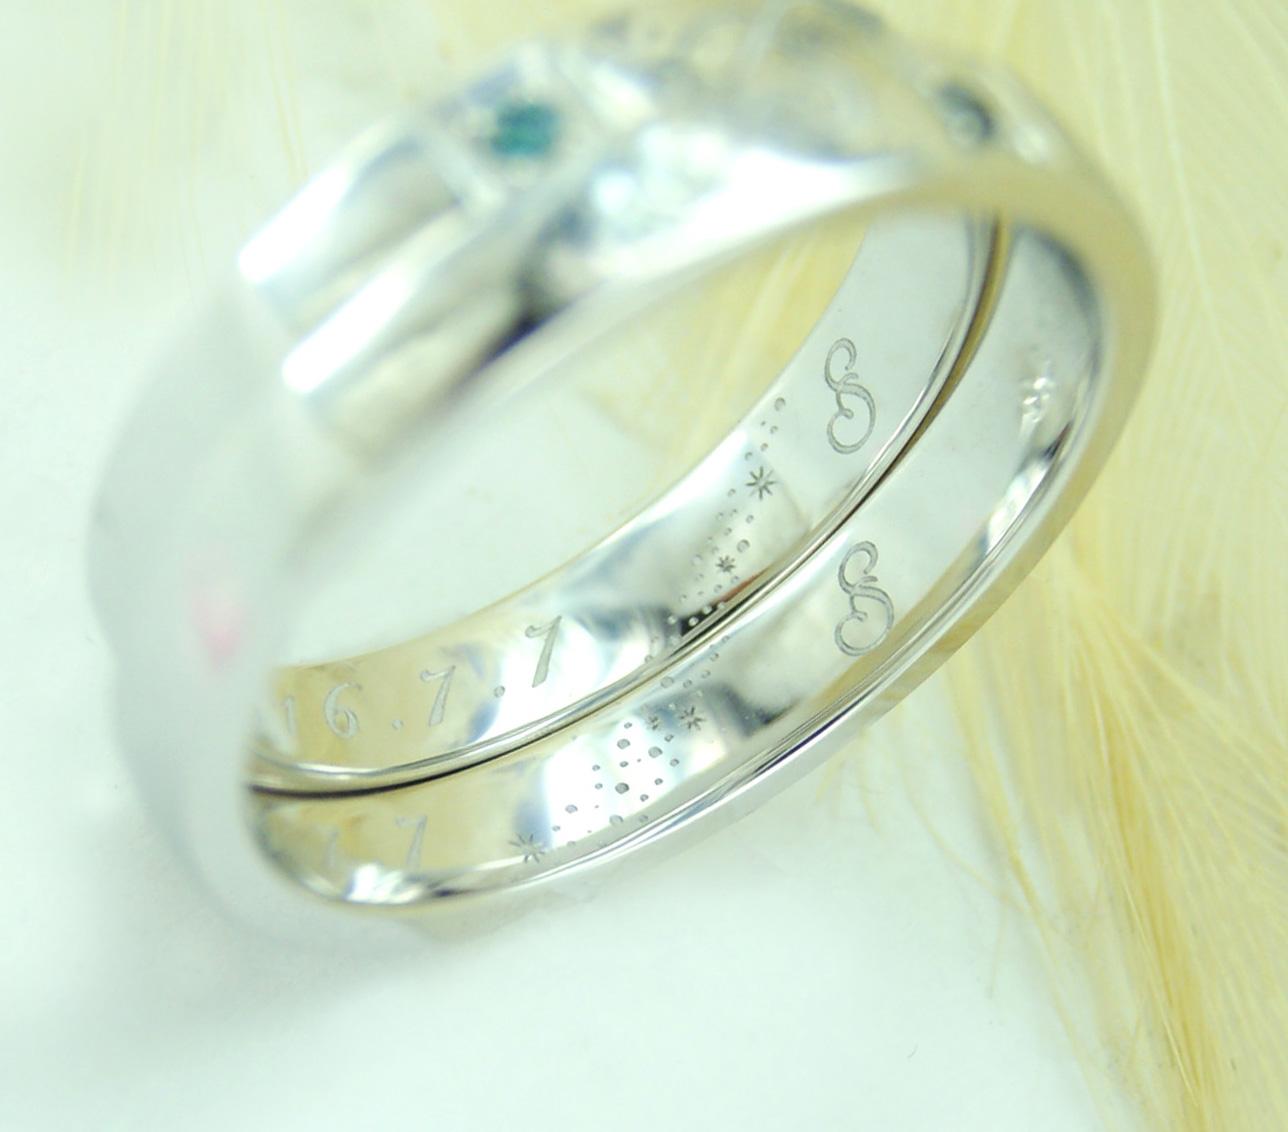 世界に一つだけの結婚指輪 kazariyaYui 福島県郡山市 イニシャル ハート 七夕